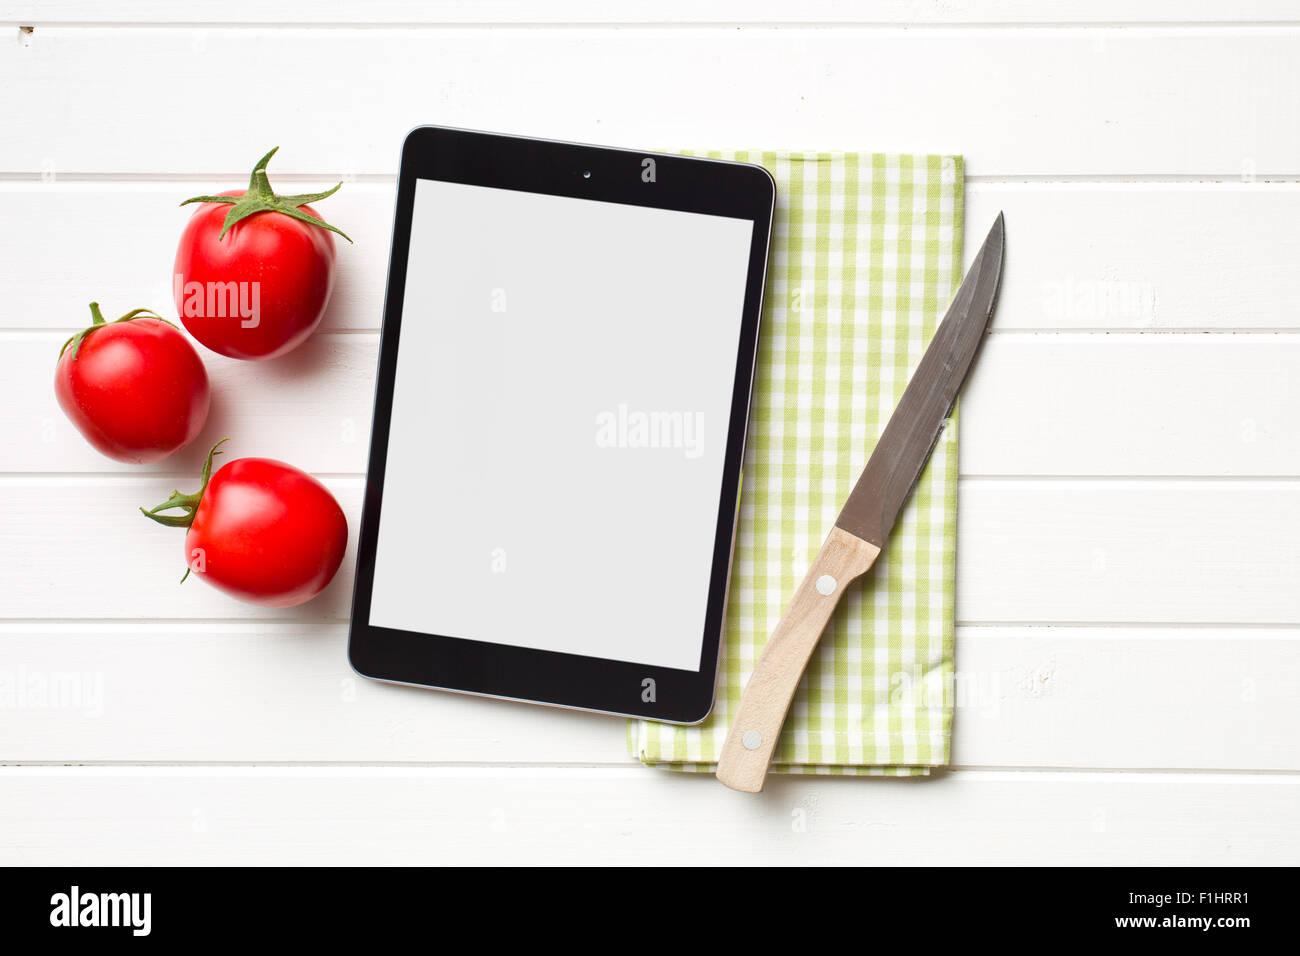 Equipo Tablet y tomates en la mesa de la cocina Imagen De Stock